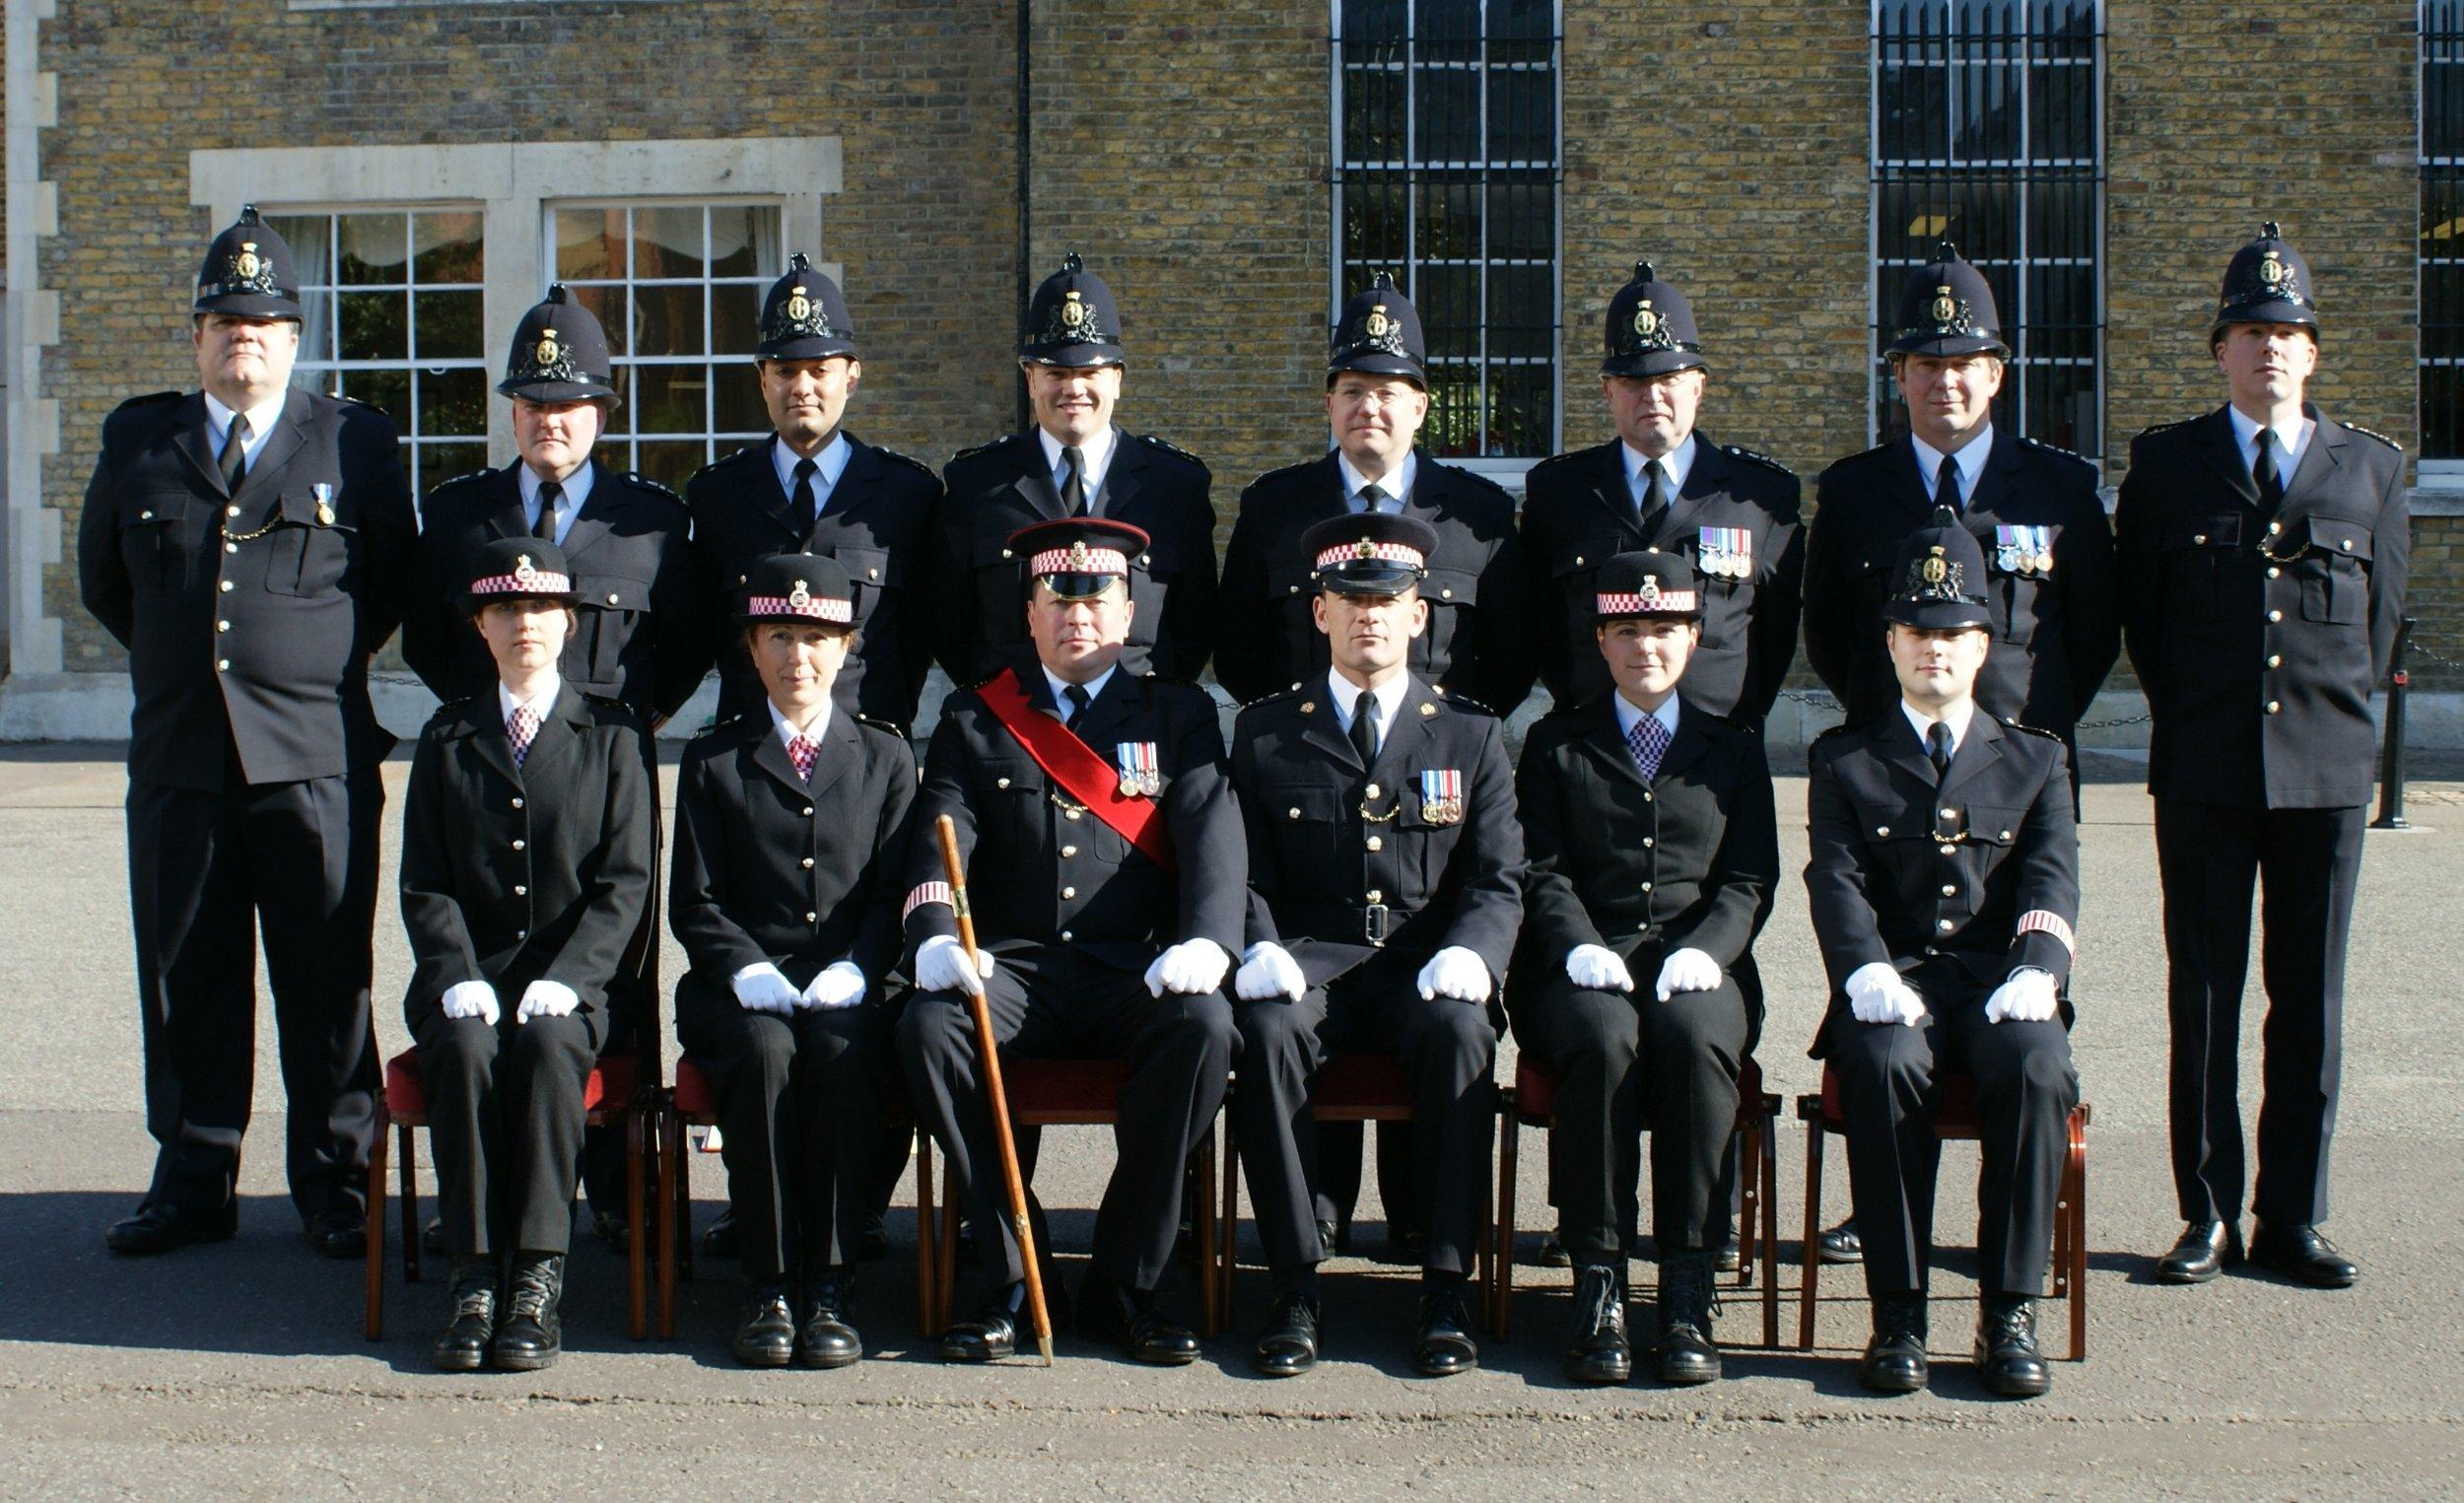 HAC Police Detachment - Royal Review